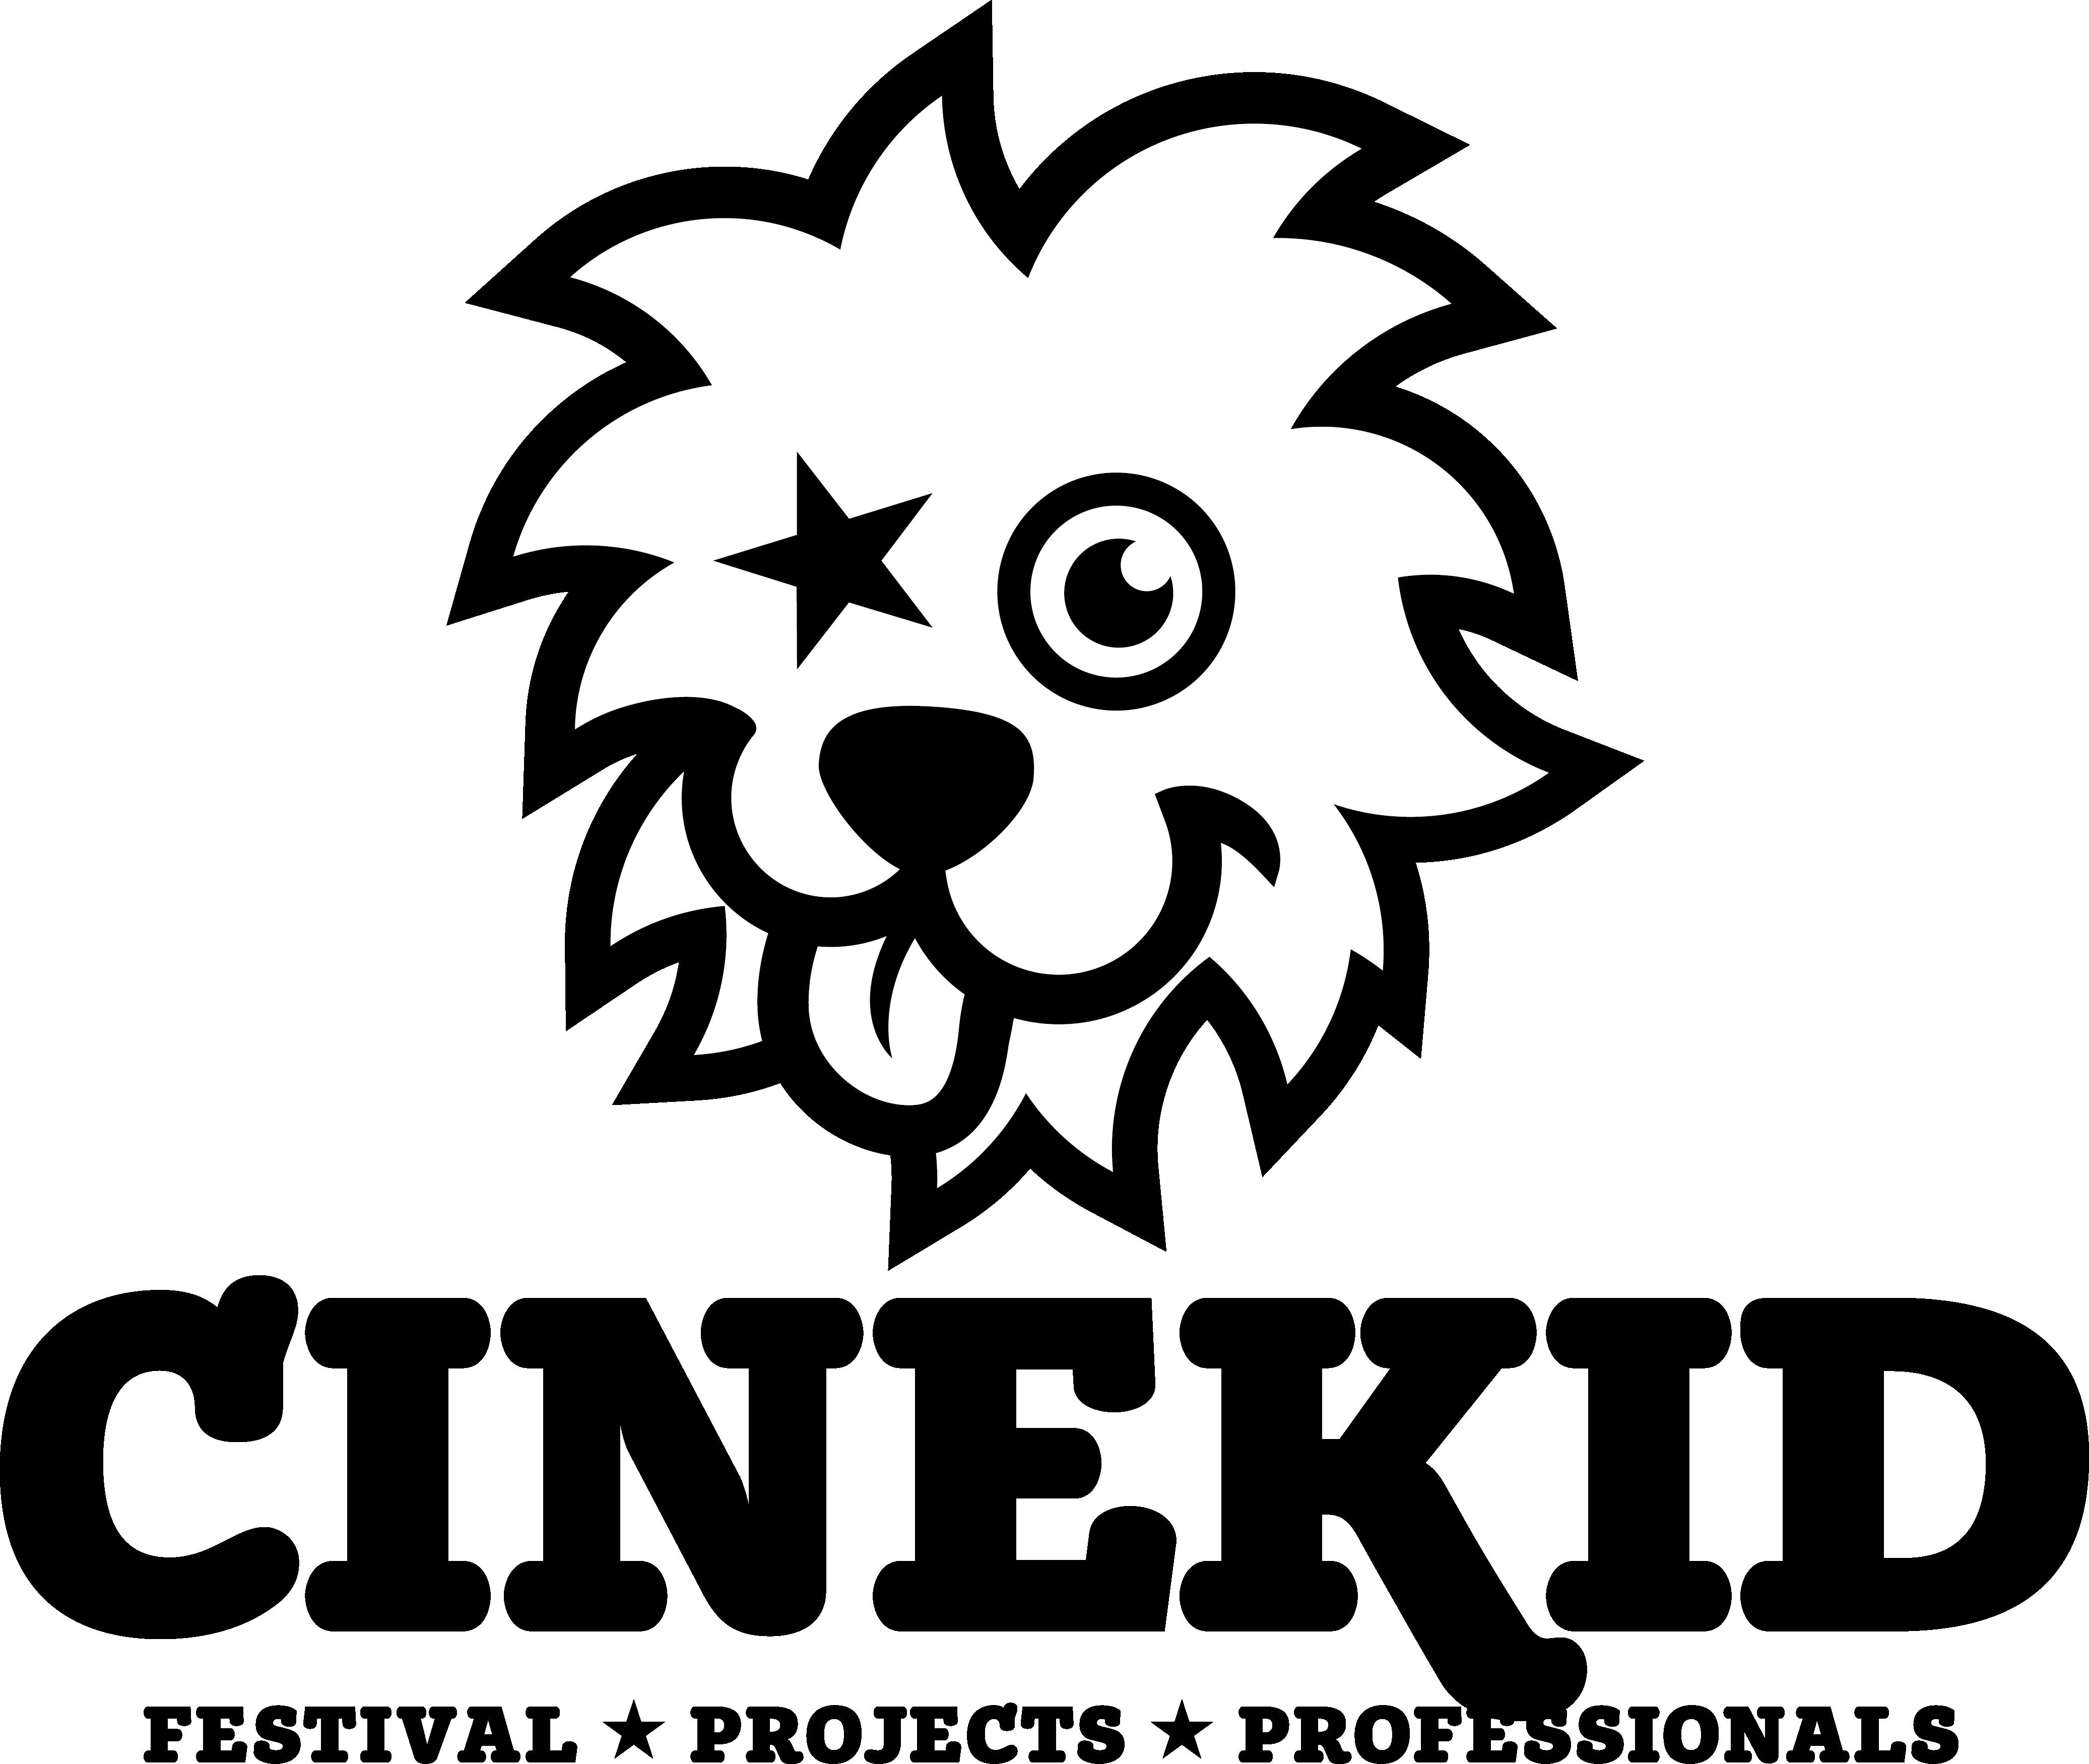 2013 Leeuw-Woordbeeld